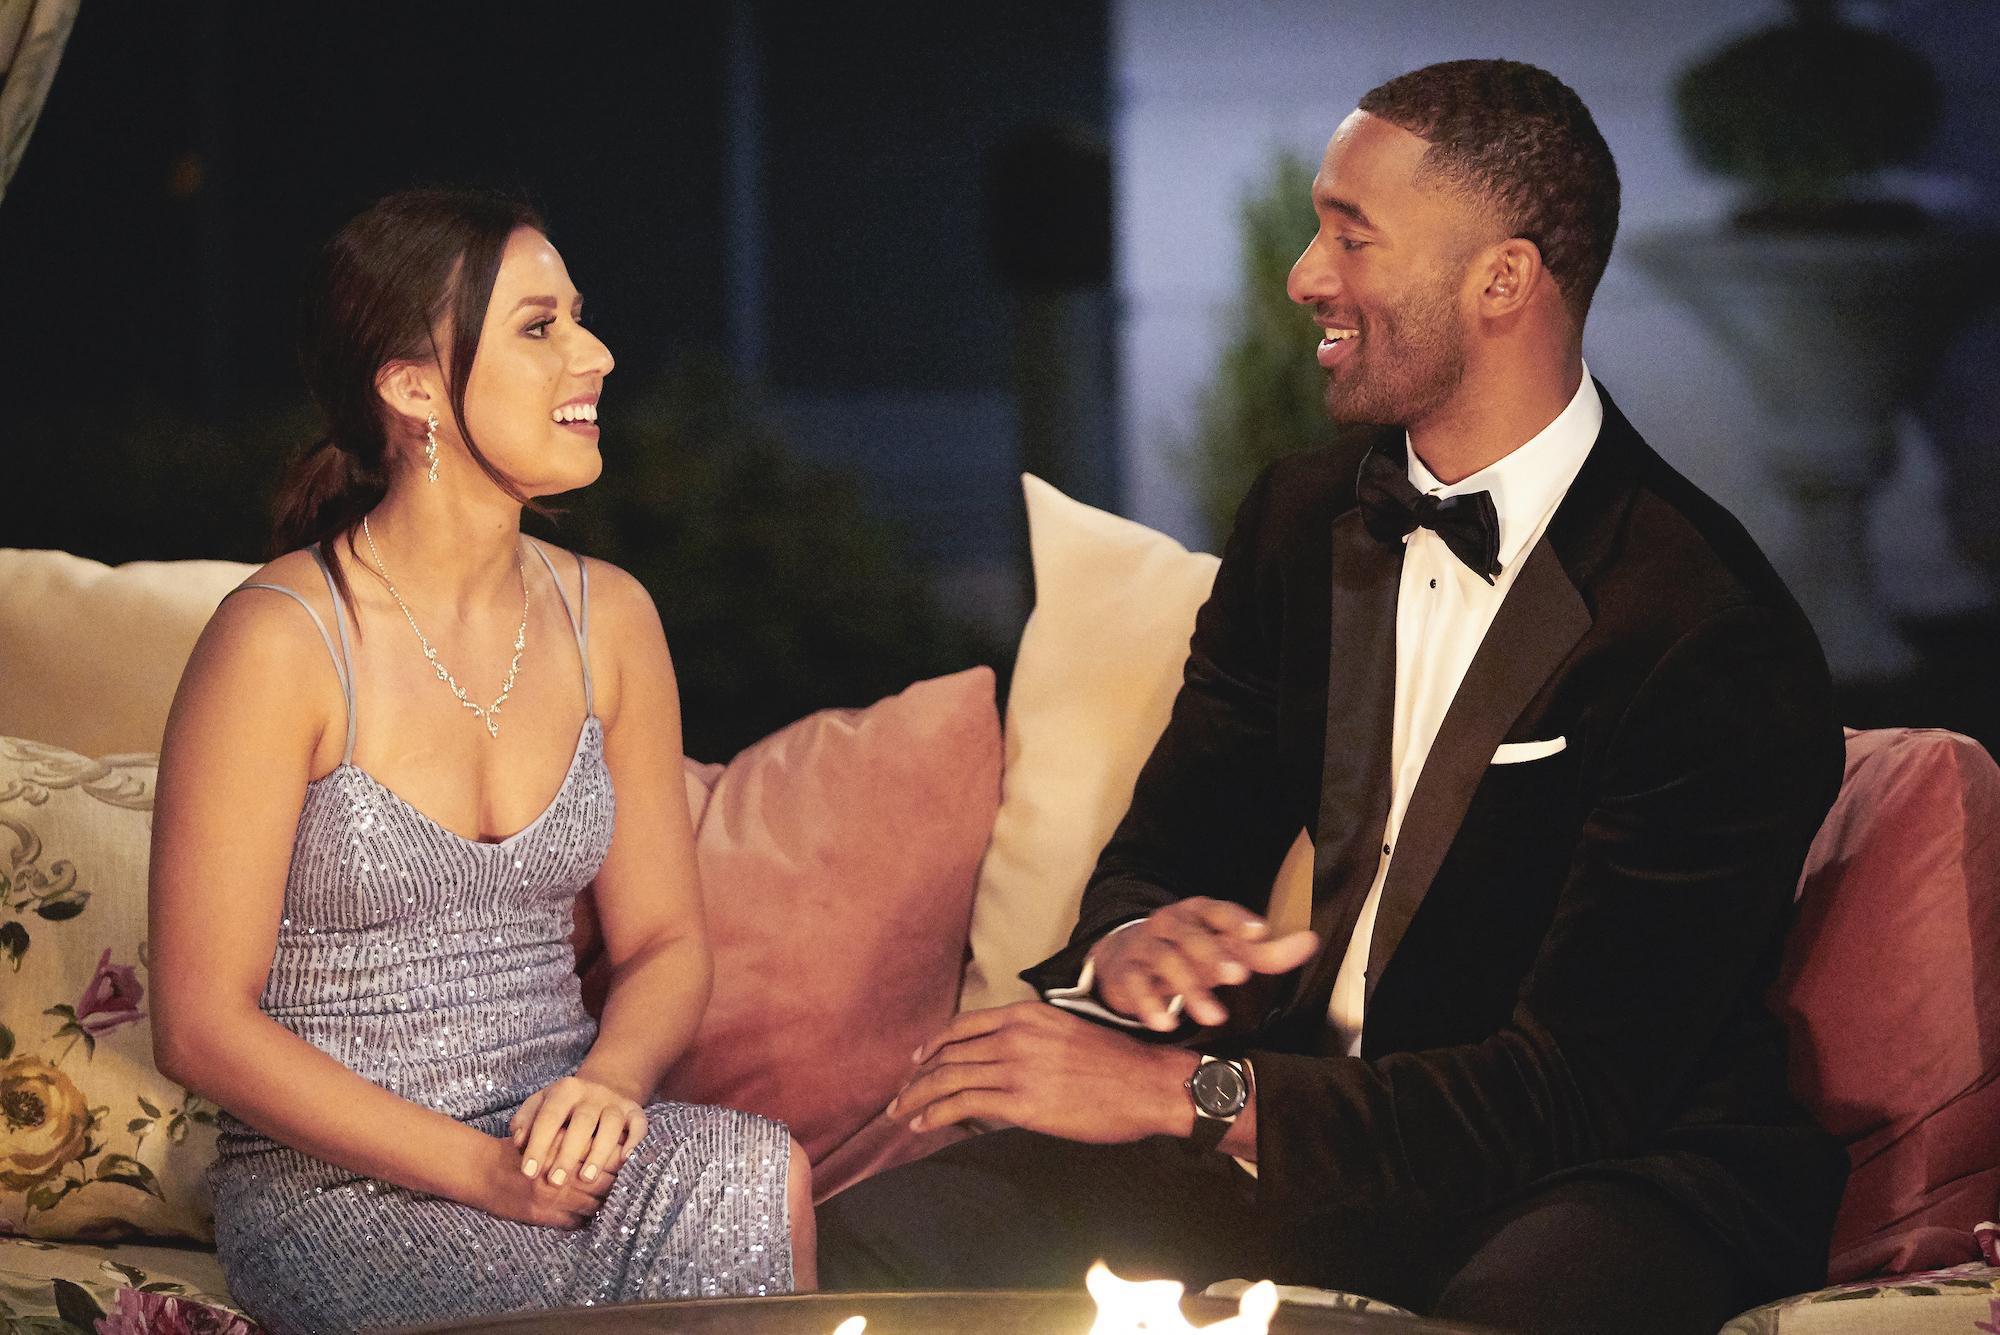 Katie Thurston and Matt James on Night 1 of 'THE BACHELOR'